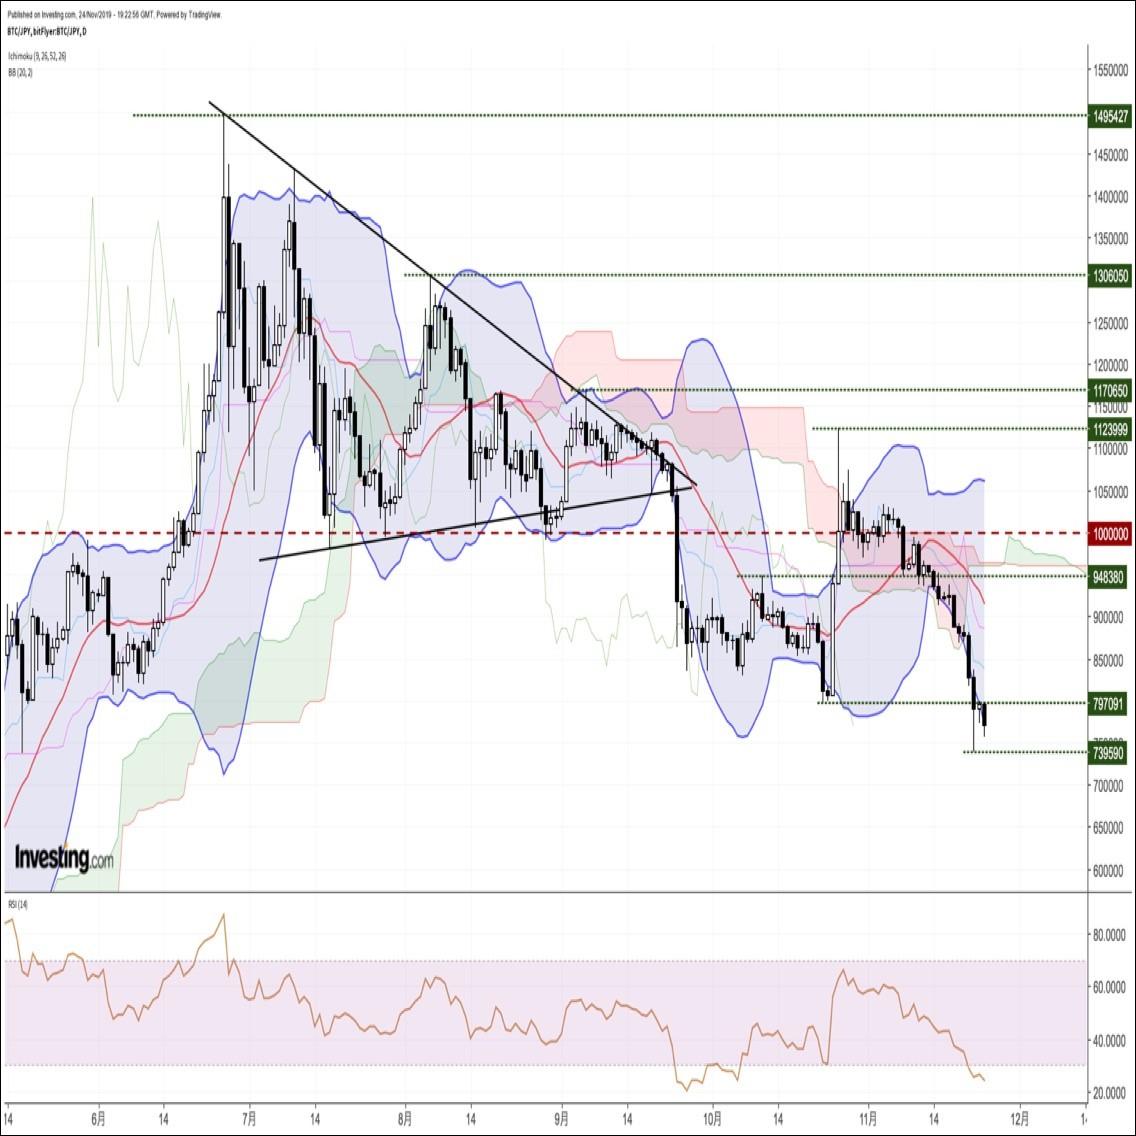 ビットコイン円、5/17以来、約半年ぶり安値圏へ急落。一時73万円台へ(11/25朝)